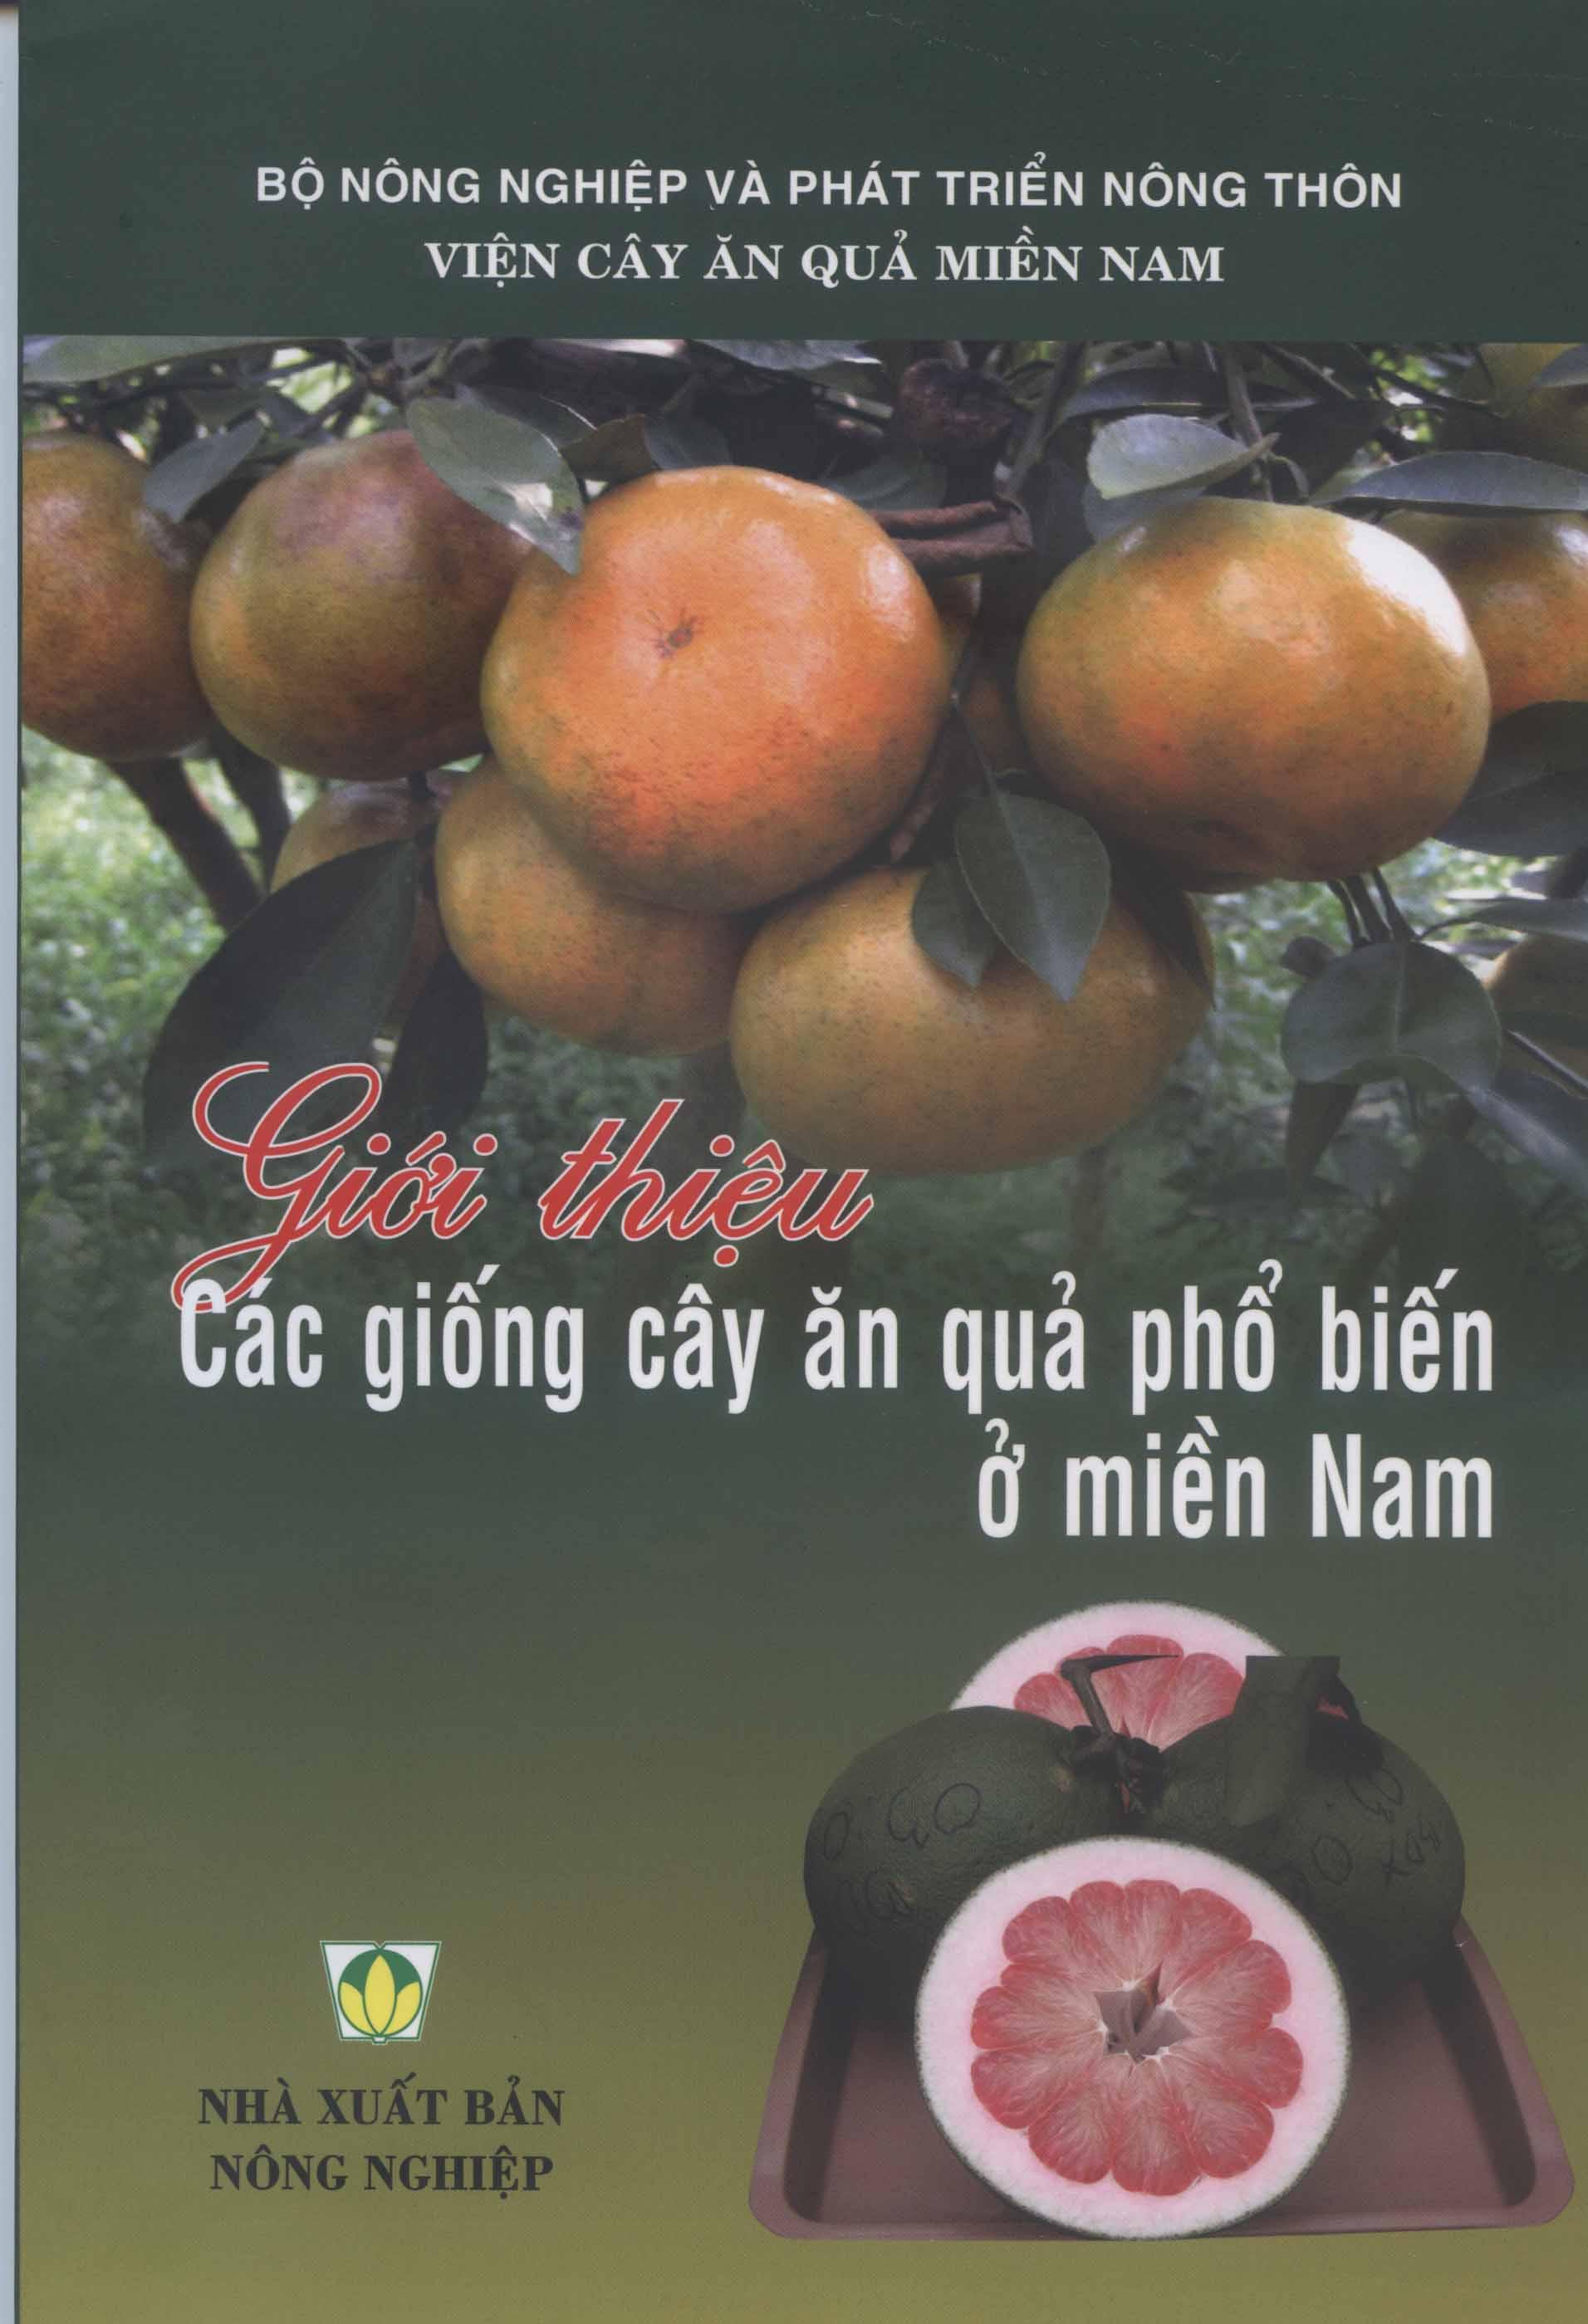 Giới thiệu Các cây giống cây ăn quả phổ biến ở miền Nam